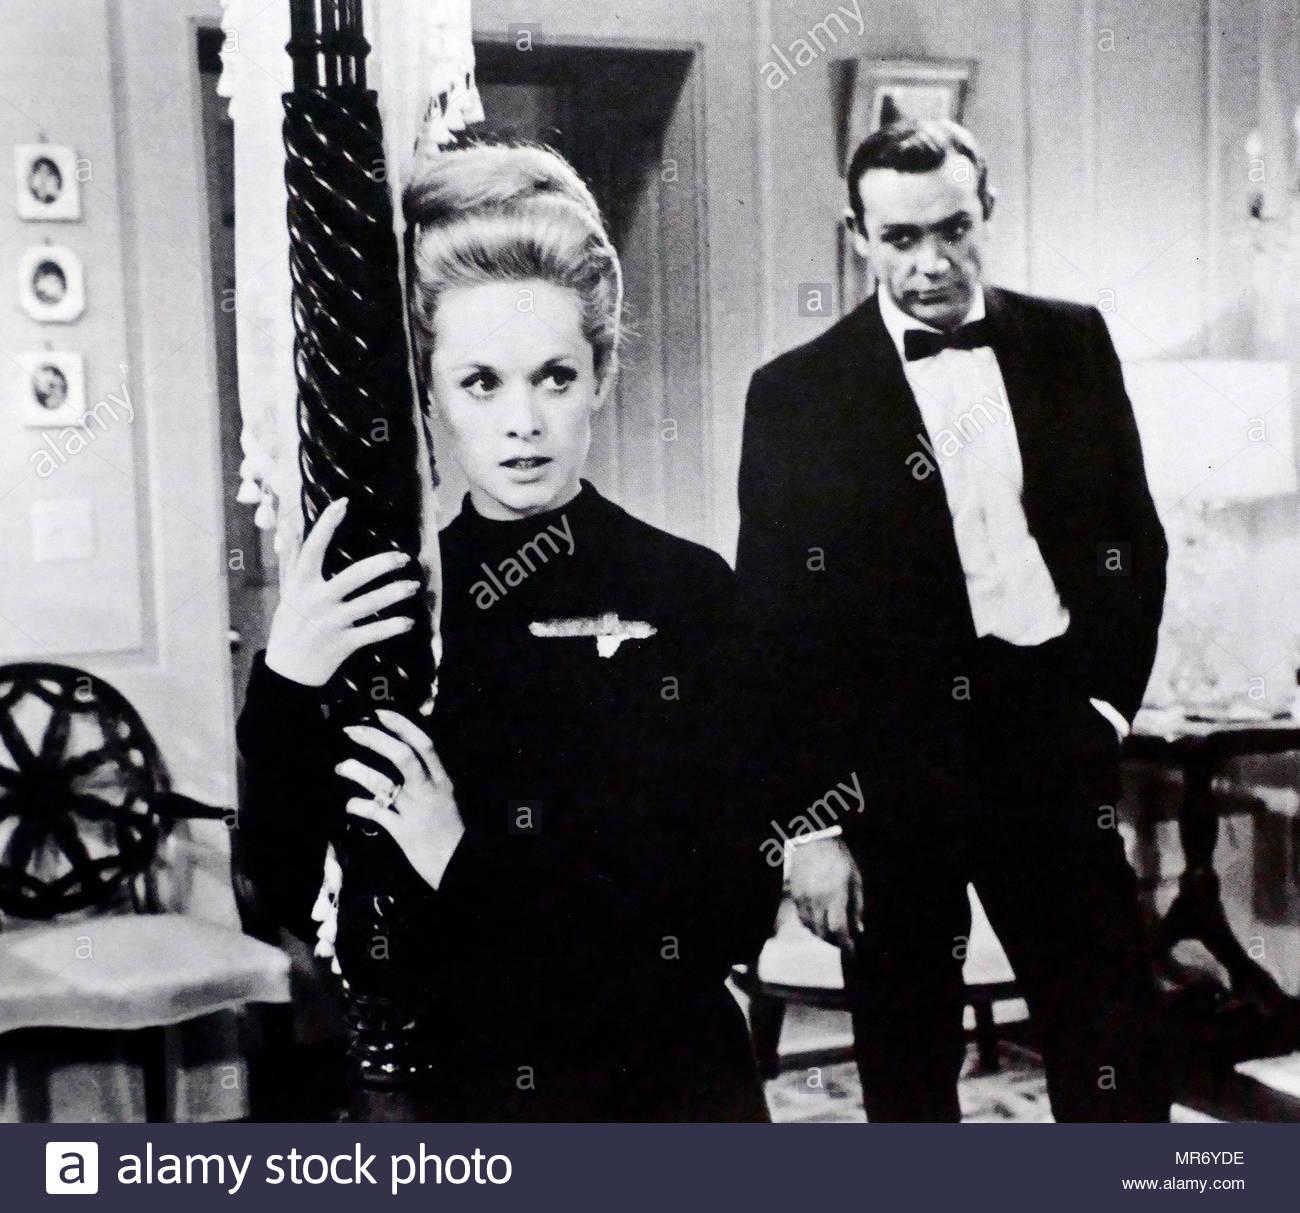 Marnie es una película de suspense psicológico estadounidense de 1964 dirigida por Alfred Hitchcock. El guión de Jay Presionaren Allen estaba basada en la novela de 1961 del mismo nombre por Winston Graham. La película está protagonizada por Tippi Hedren y Sean Connery. Imagen De Stock